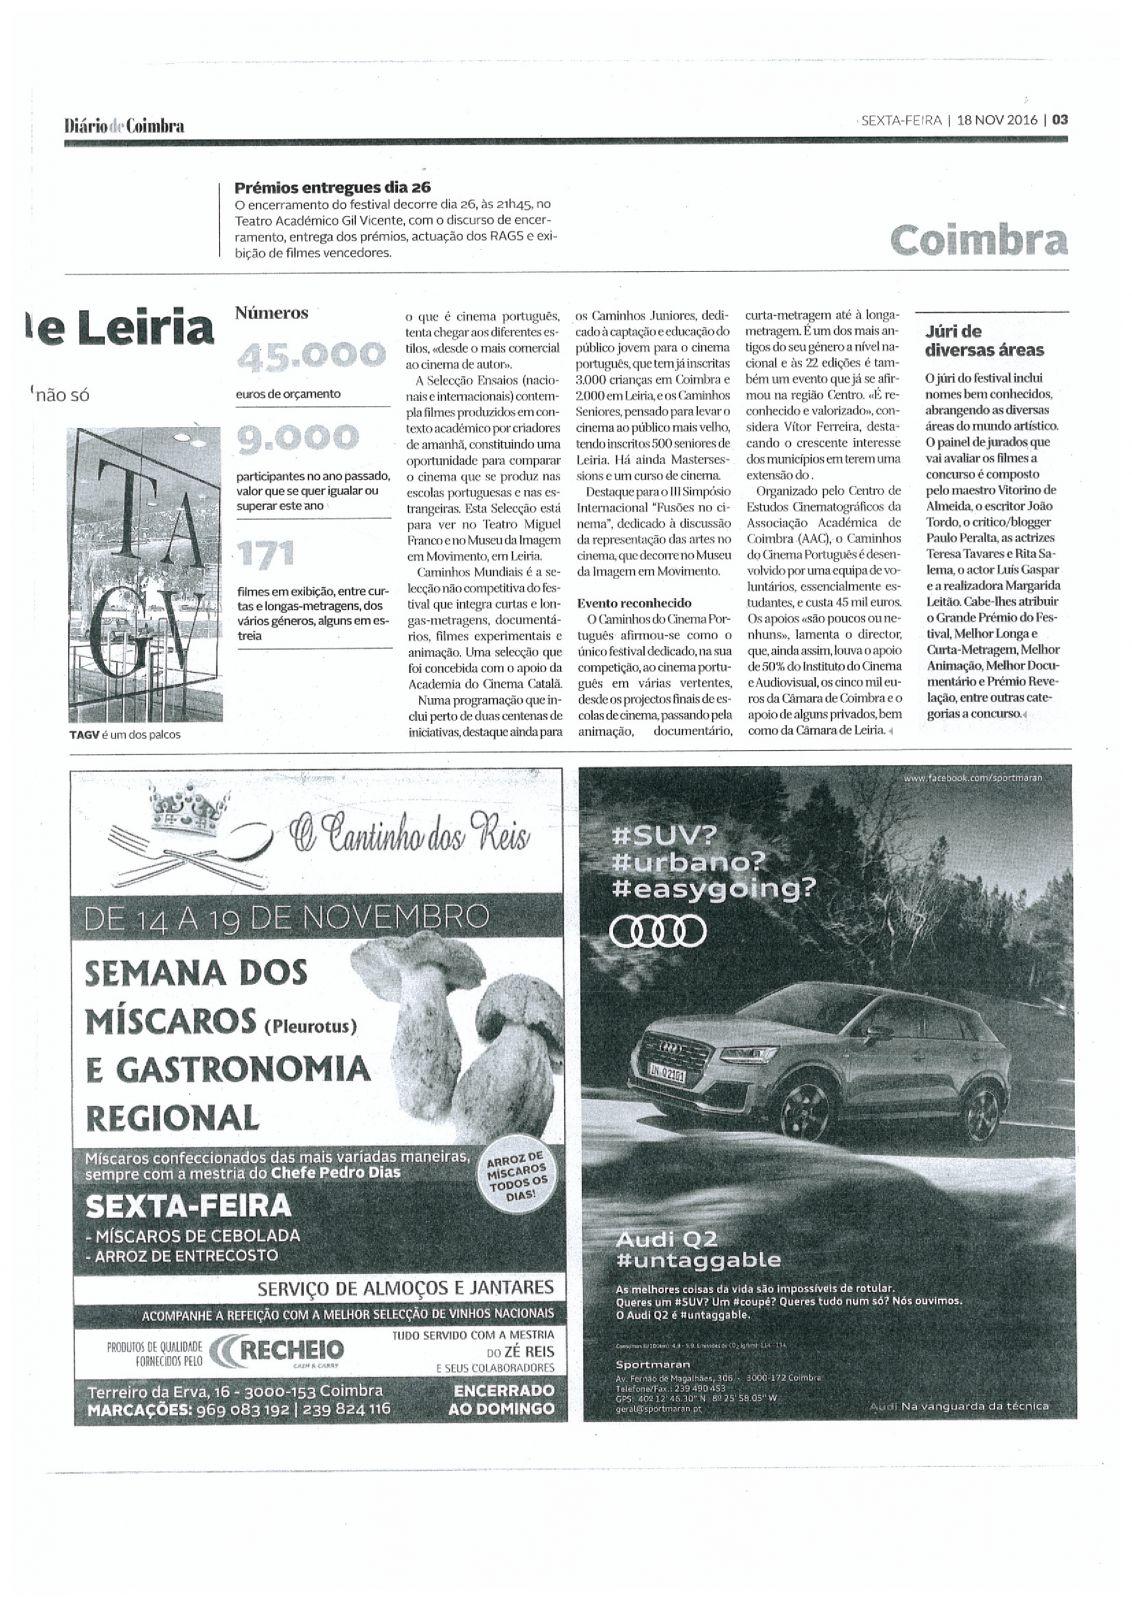 18 - Novembro 2016_Diário_de_Coimbra (part2)